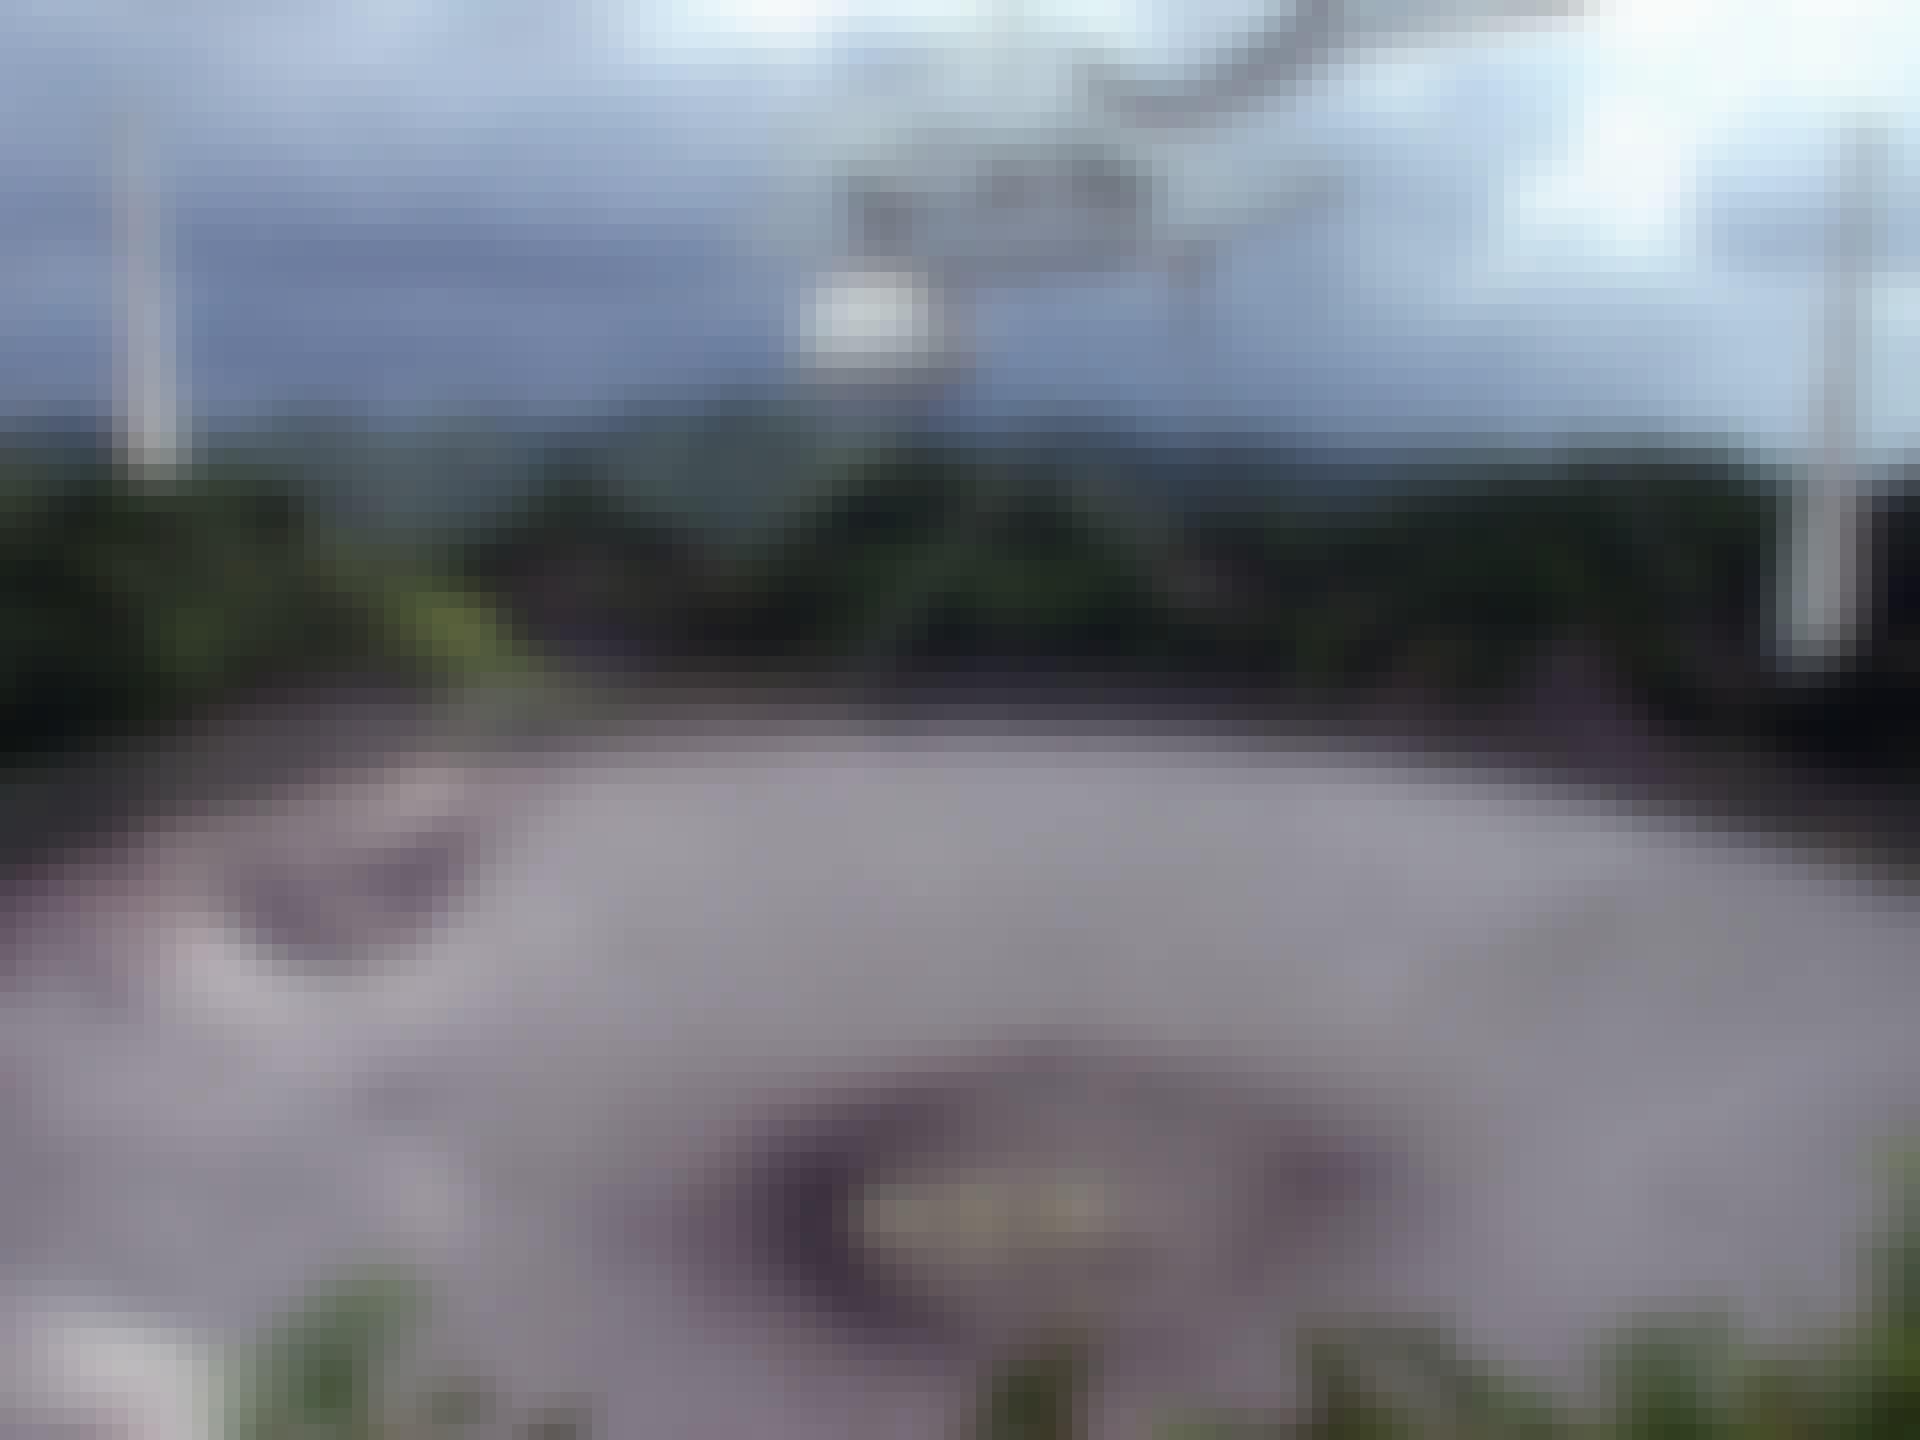 De enorme Arecibo-telescoop in Puerto Rico heeft radiosignalen uit de ruimte opgevangen.